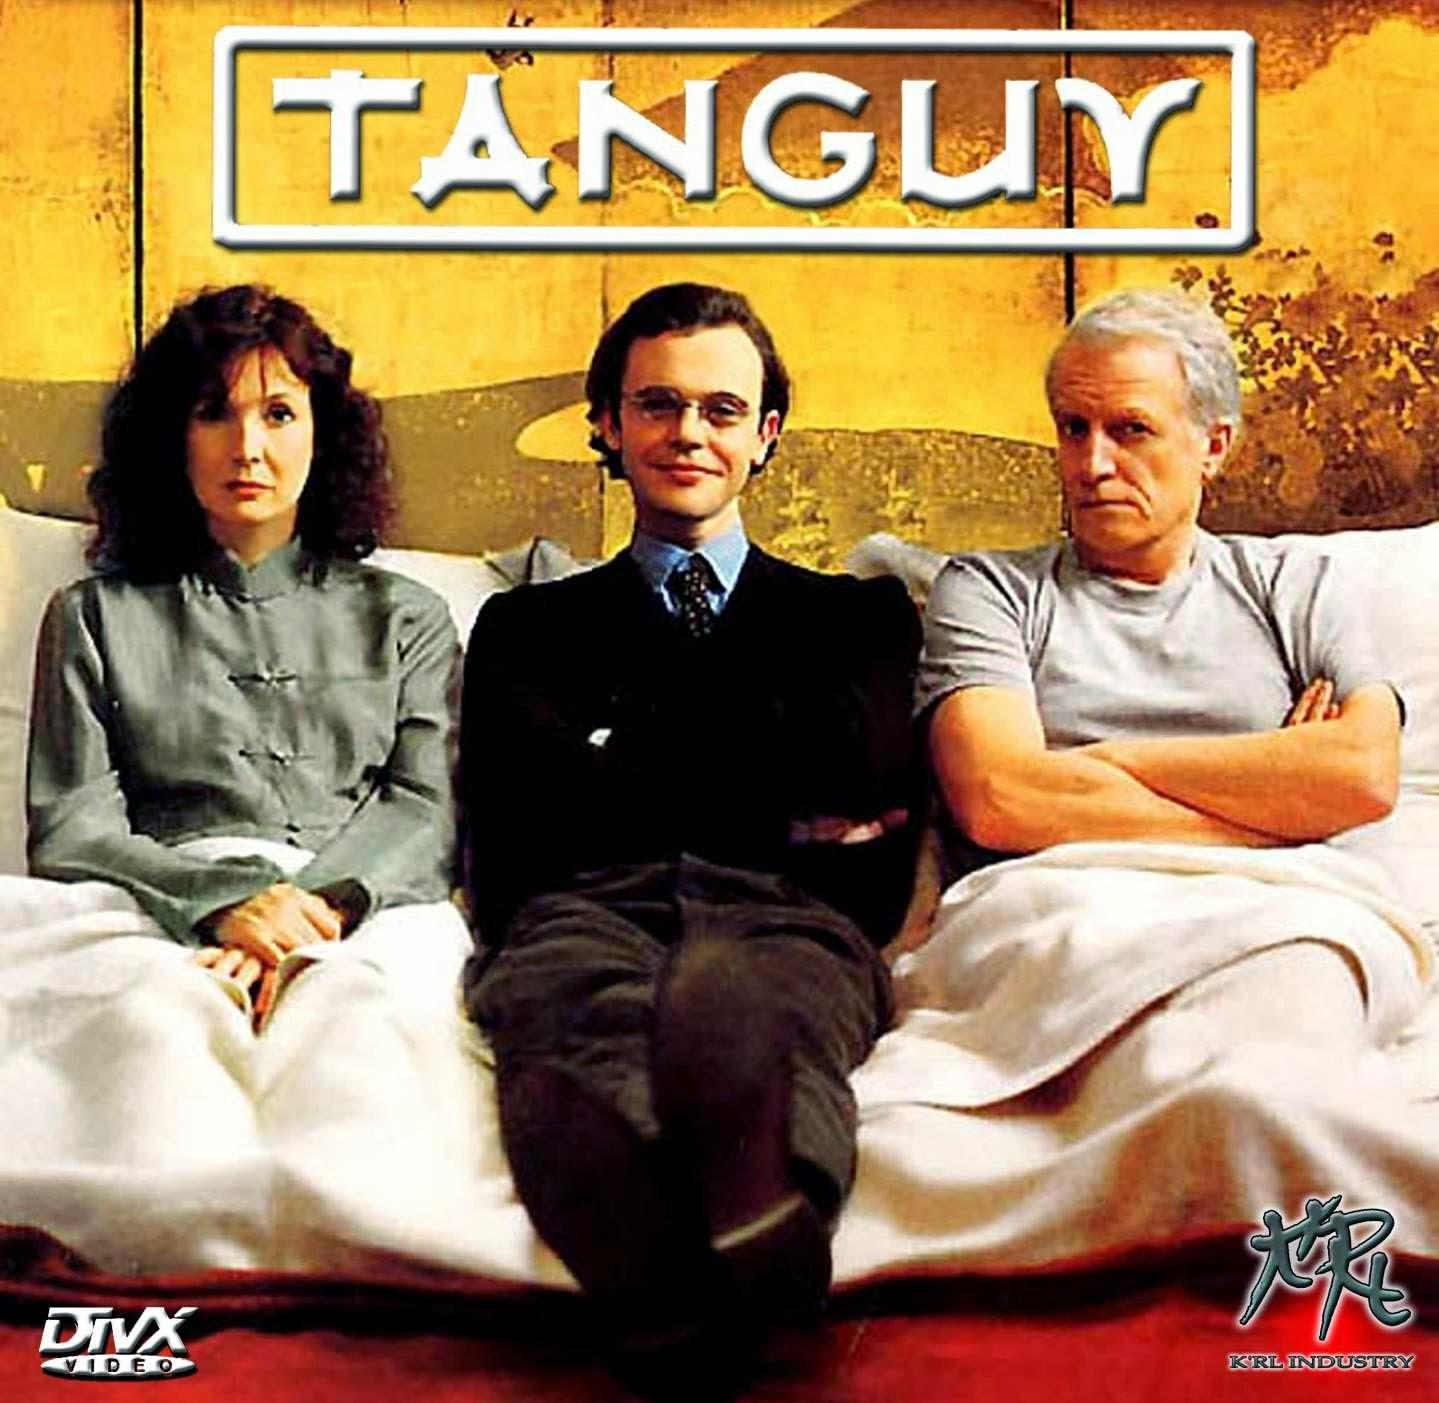 Tanguy - La famille: une valeur sûre